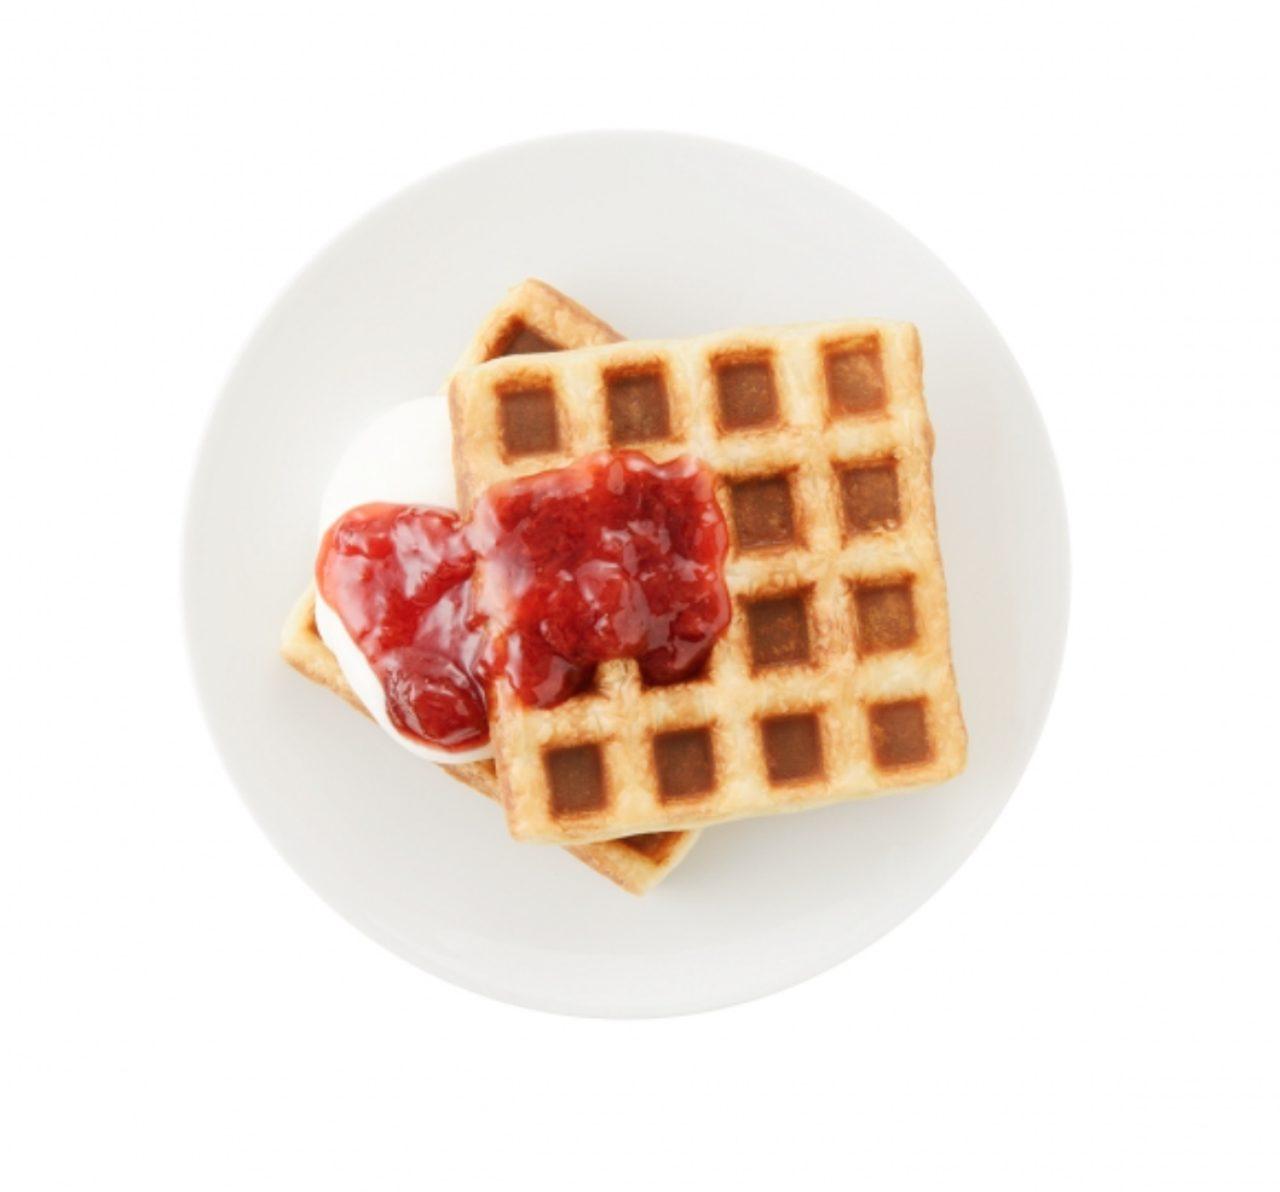 """画像: ●クリス クロワッサン… アメリカの人気レストランから生まれた、朝食にもぴったりの注目の最新ハイブリットスイーツ。クロワッサン生地をワッフル型で焼き上げたもので、クロワッサンのような""""レイヤー(層)""""と、ワッフルの表面の""""クレーター(でこぼこ)""""をあわせ持ったハイブリッドスイーツ。"""